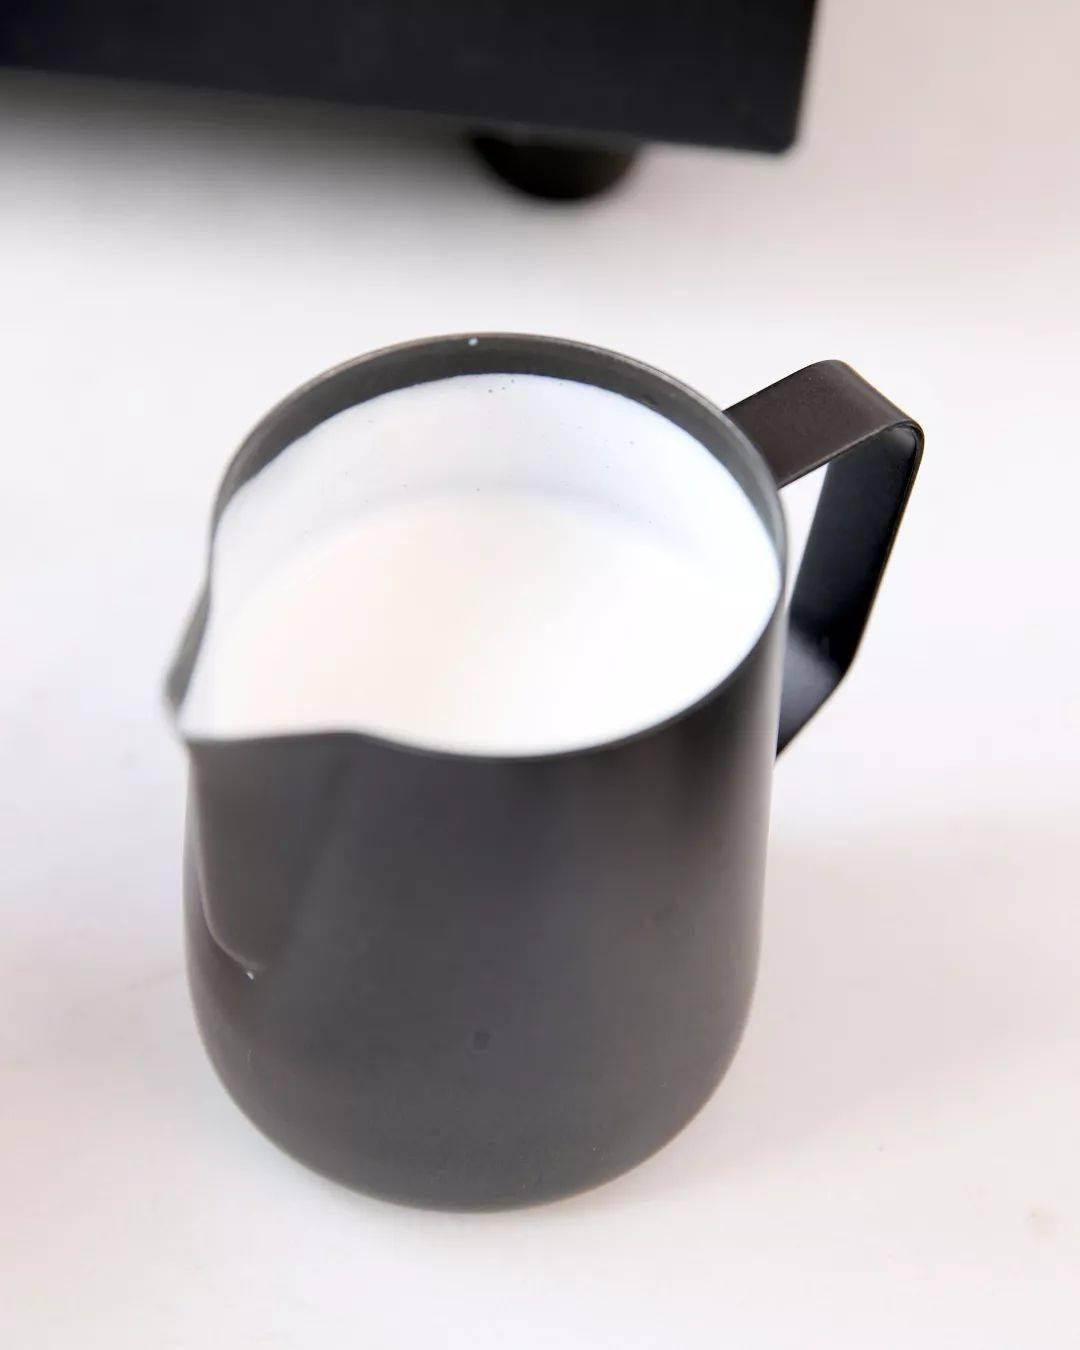 咖啡奶泡打发小技巧,你的咖啡拉花再也不会塌陷了! 试用和测评 第12张